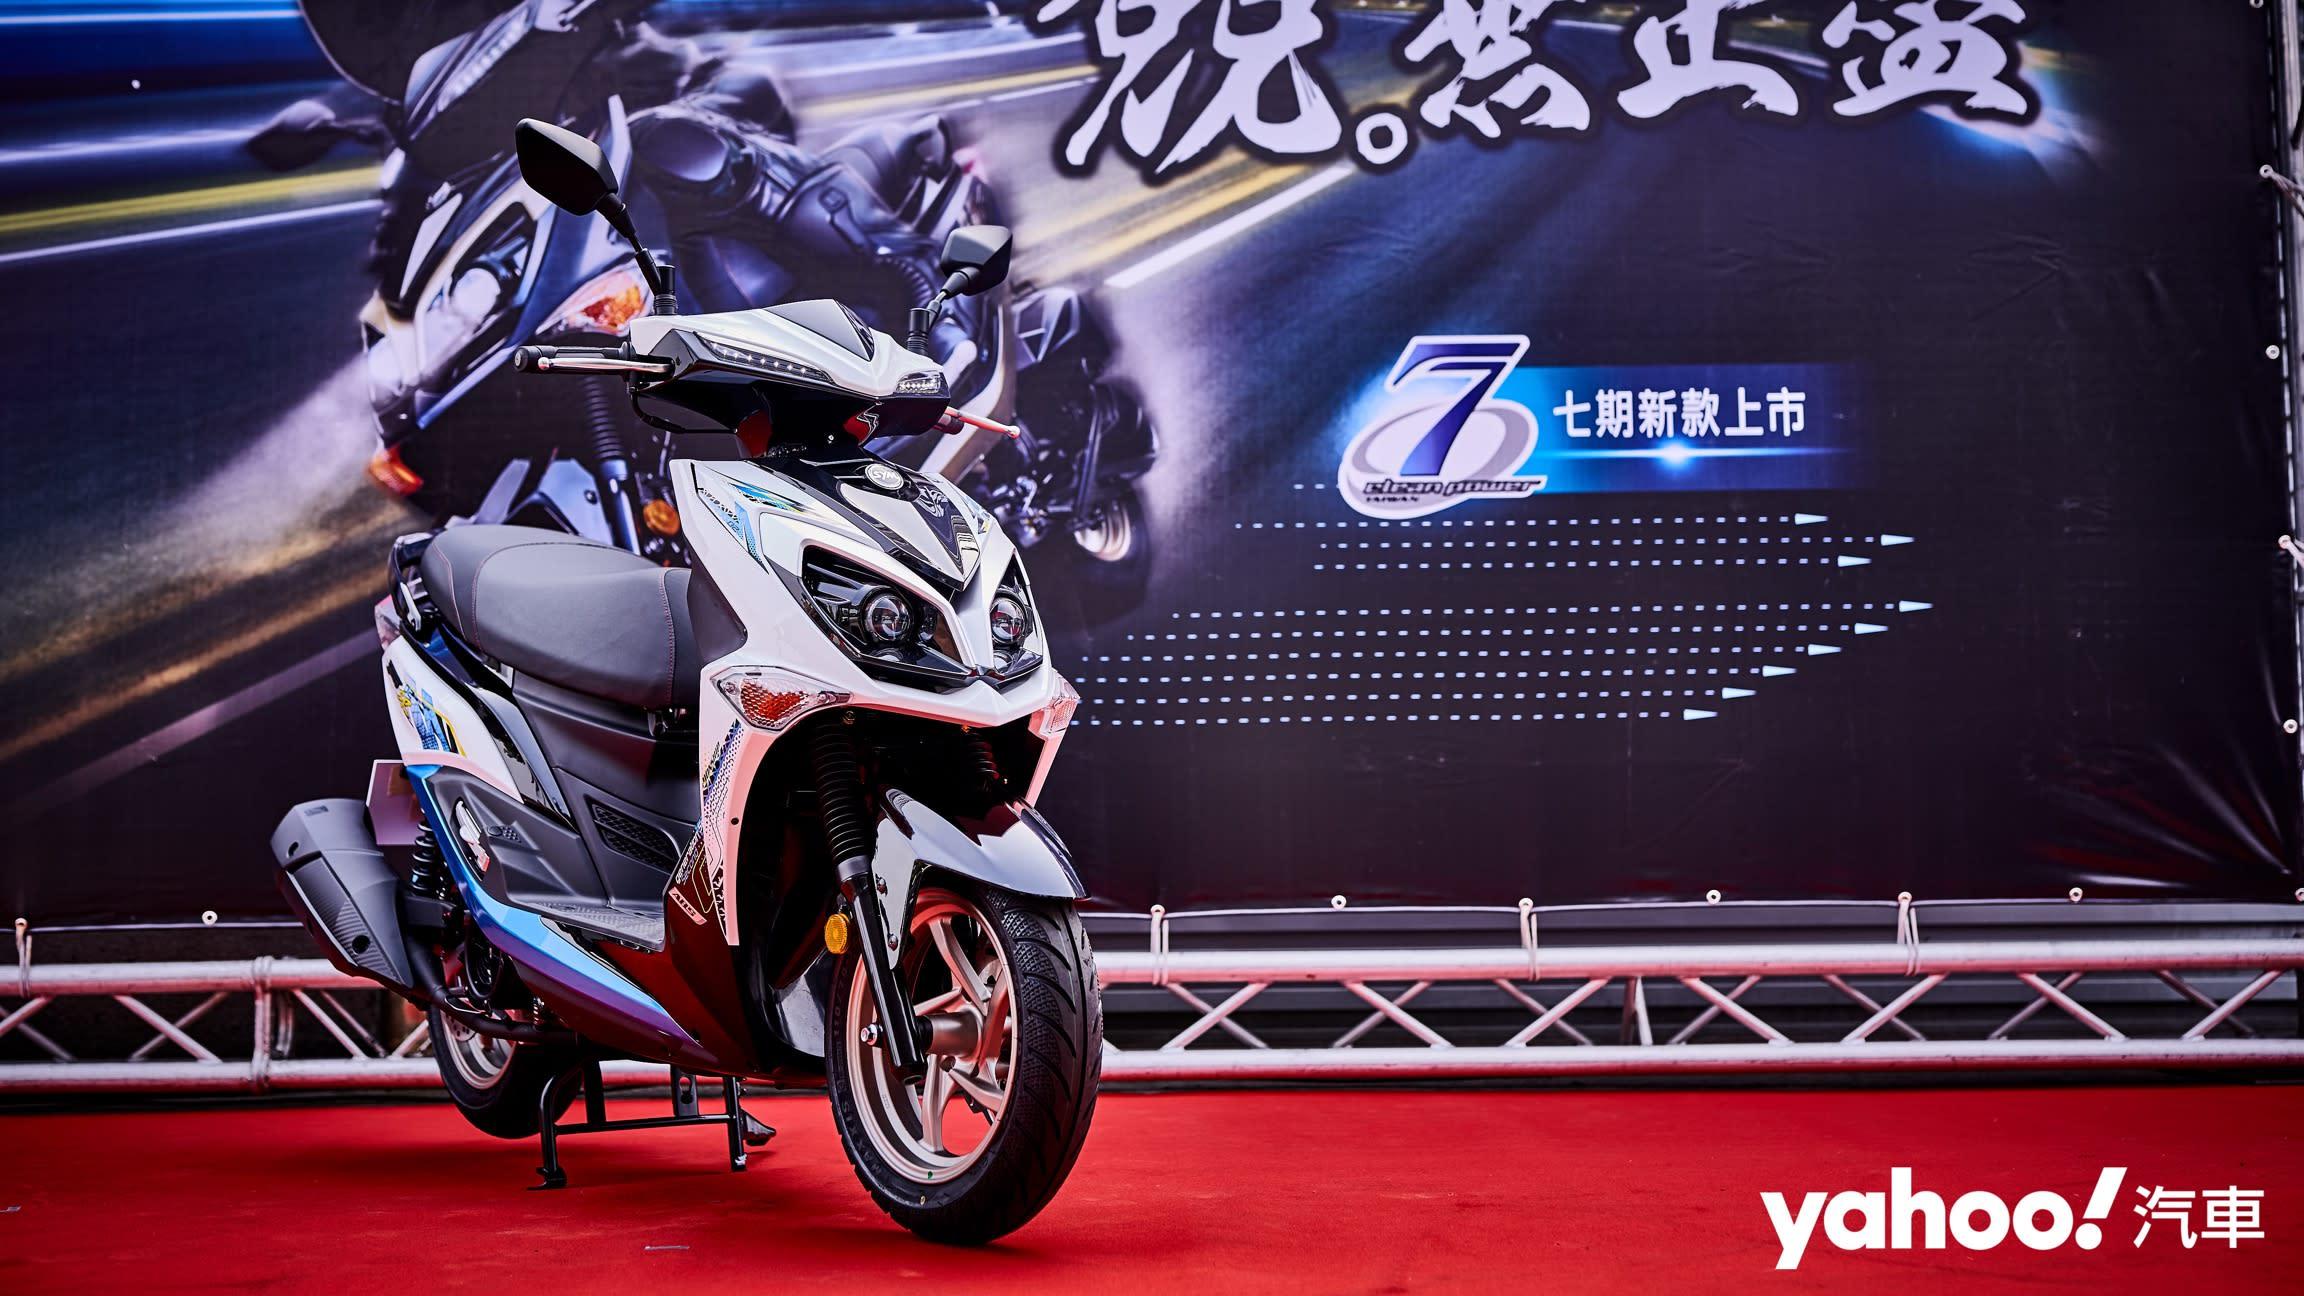 【新車圖輯】突破7期環保困境、性能照樣是冠軍!2020全新SYM Jet SR ABS正式發表!